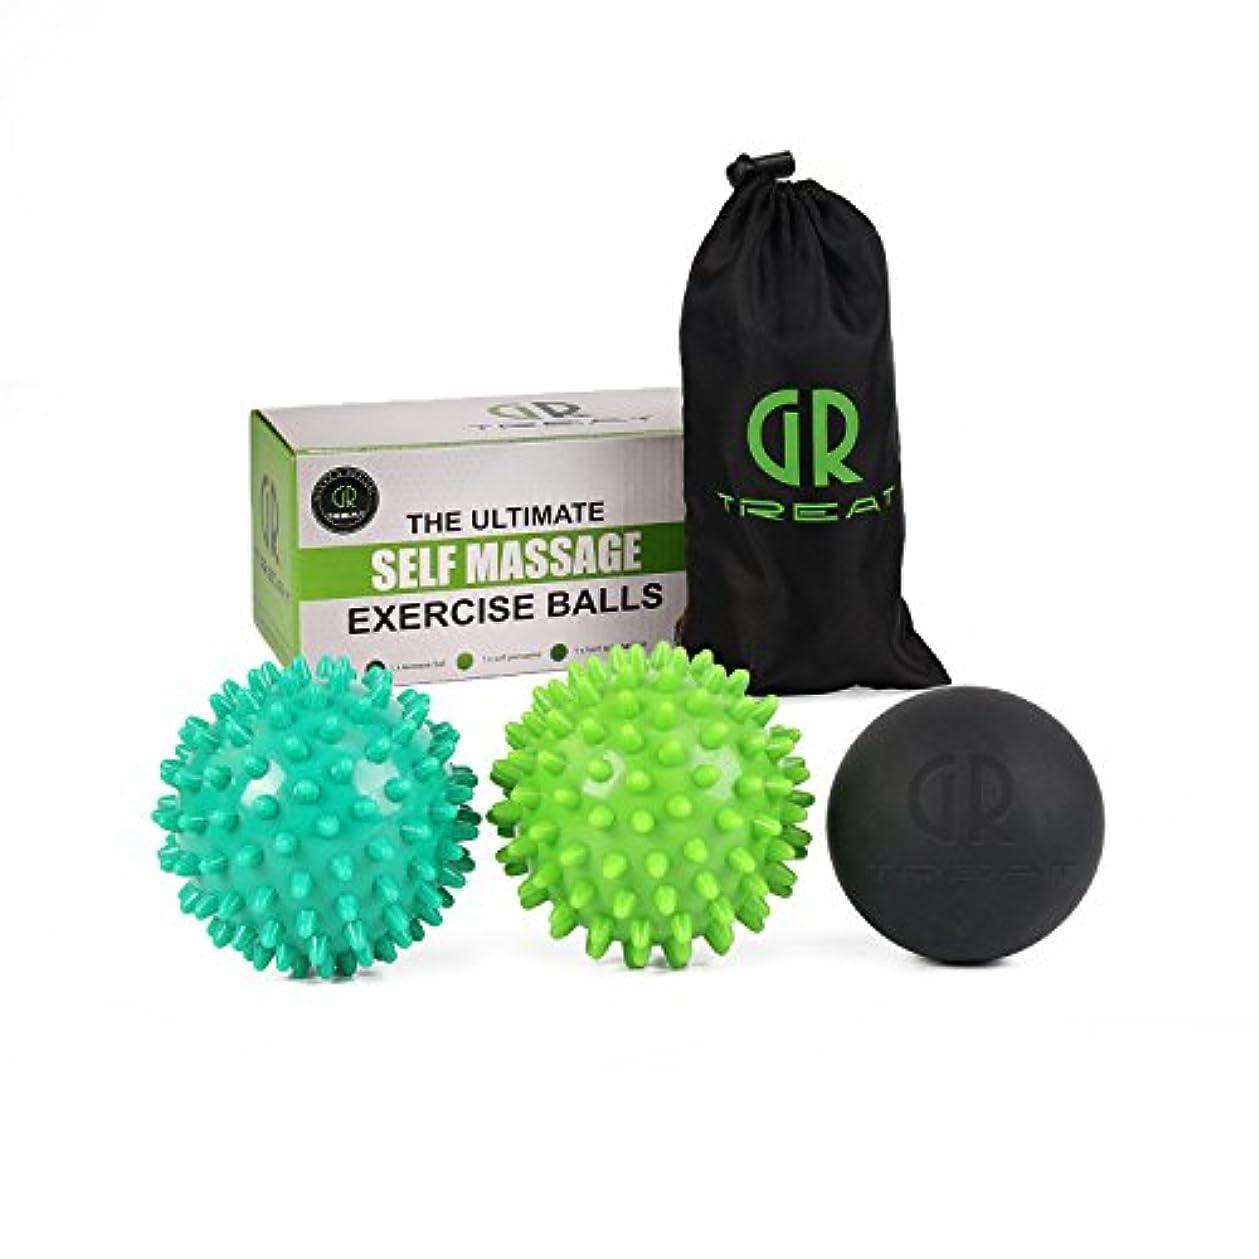 GR マッサージボール ピーナッツ トリガーポイント マッサージボール 筋膜リリース ディープティッシュマッサージツール筋リリース、筋リラクサー、ツボマッサージ